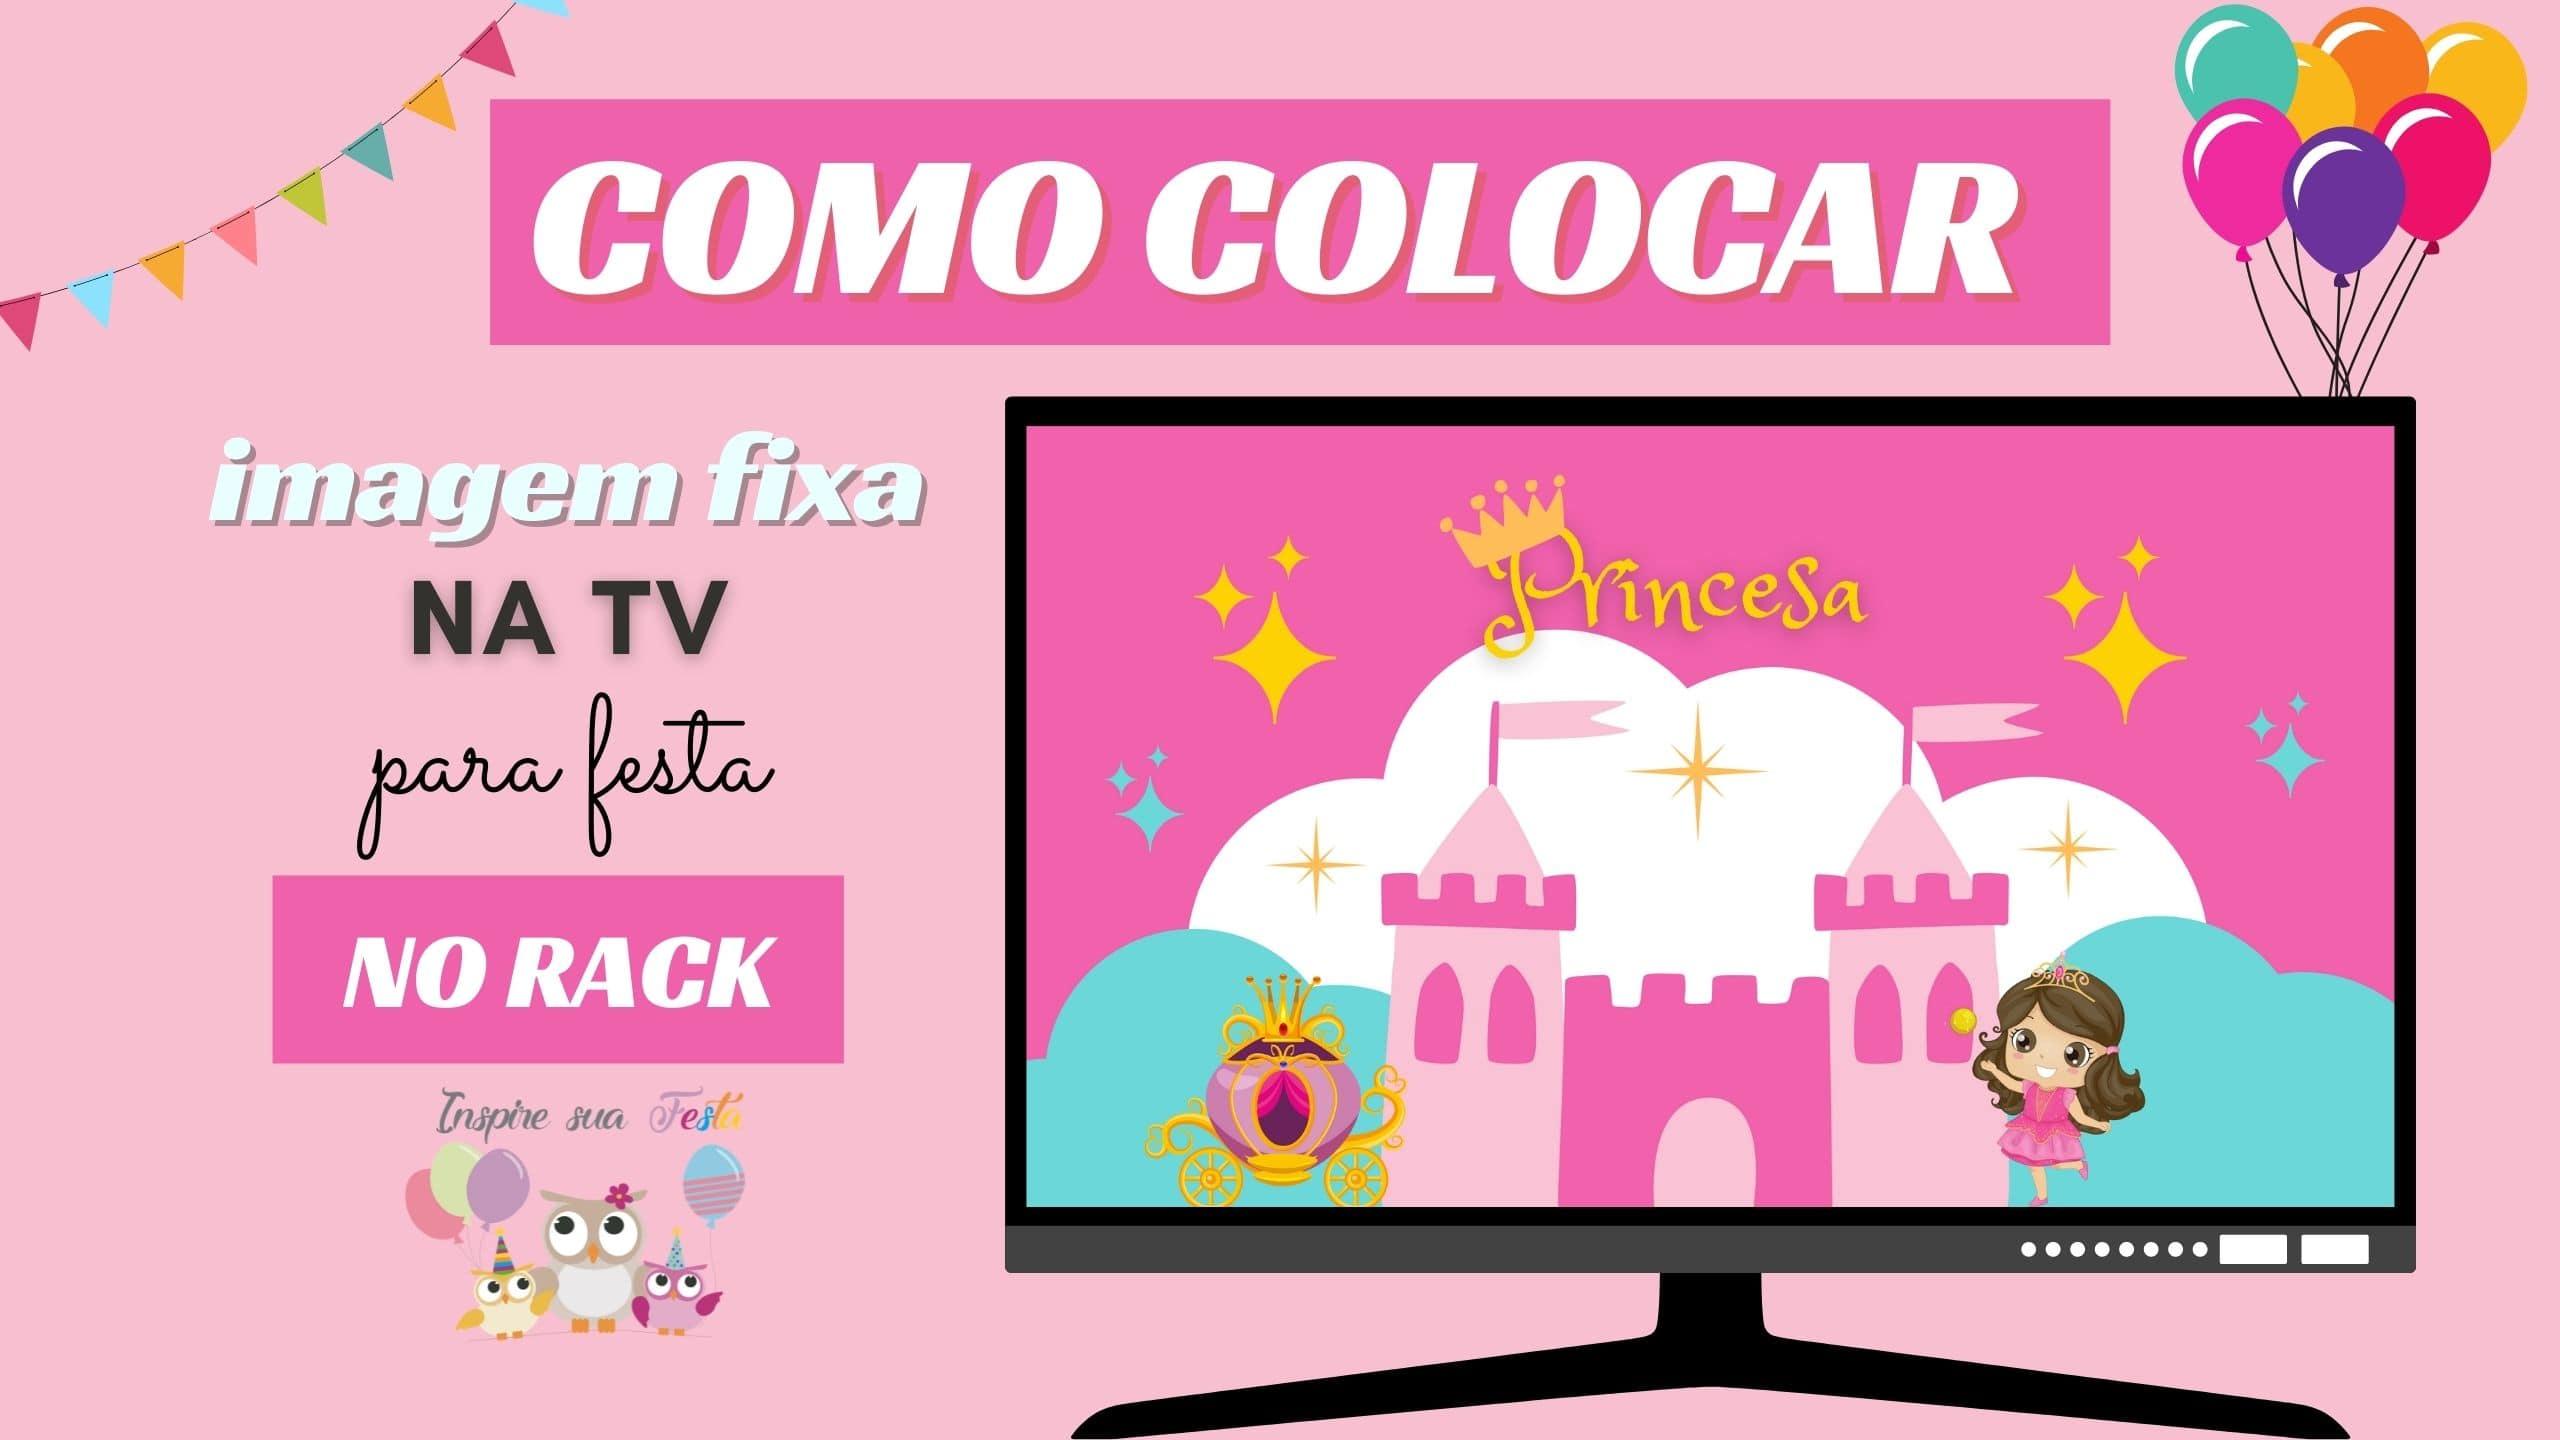 Como colocar imagem fixa na TV para festa no rack no tema Princesas